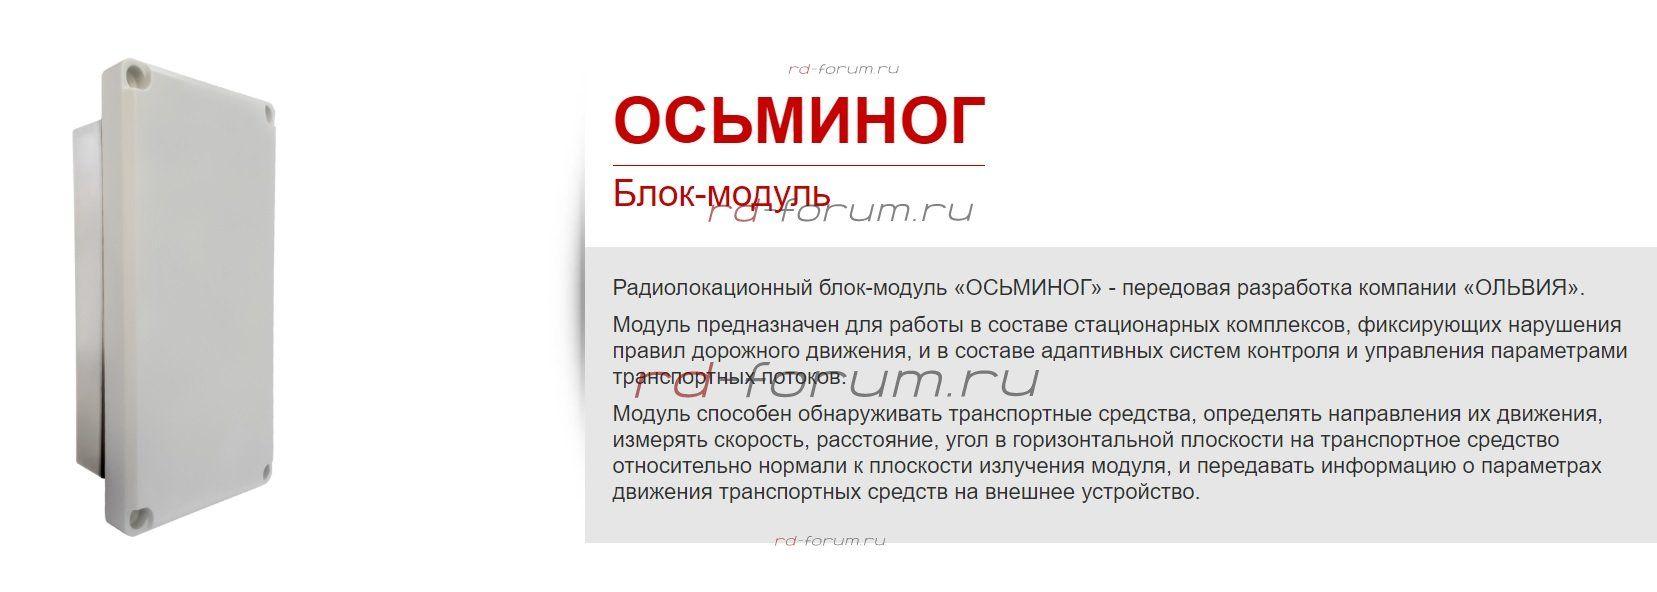 Осьминог.jpg